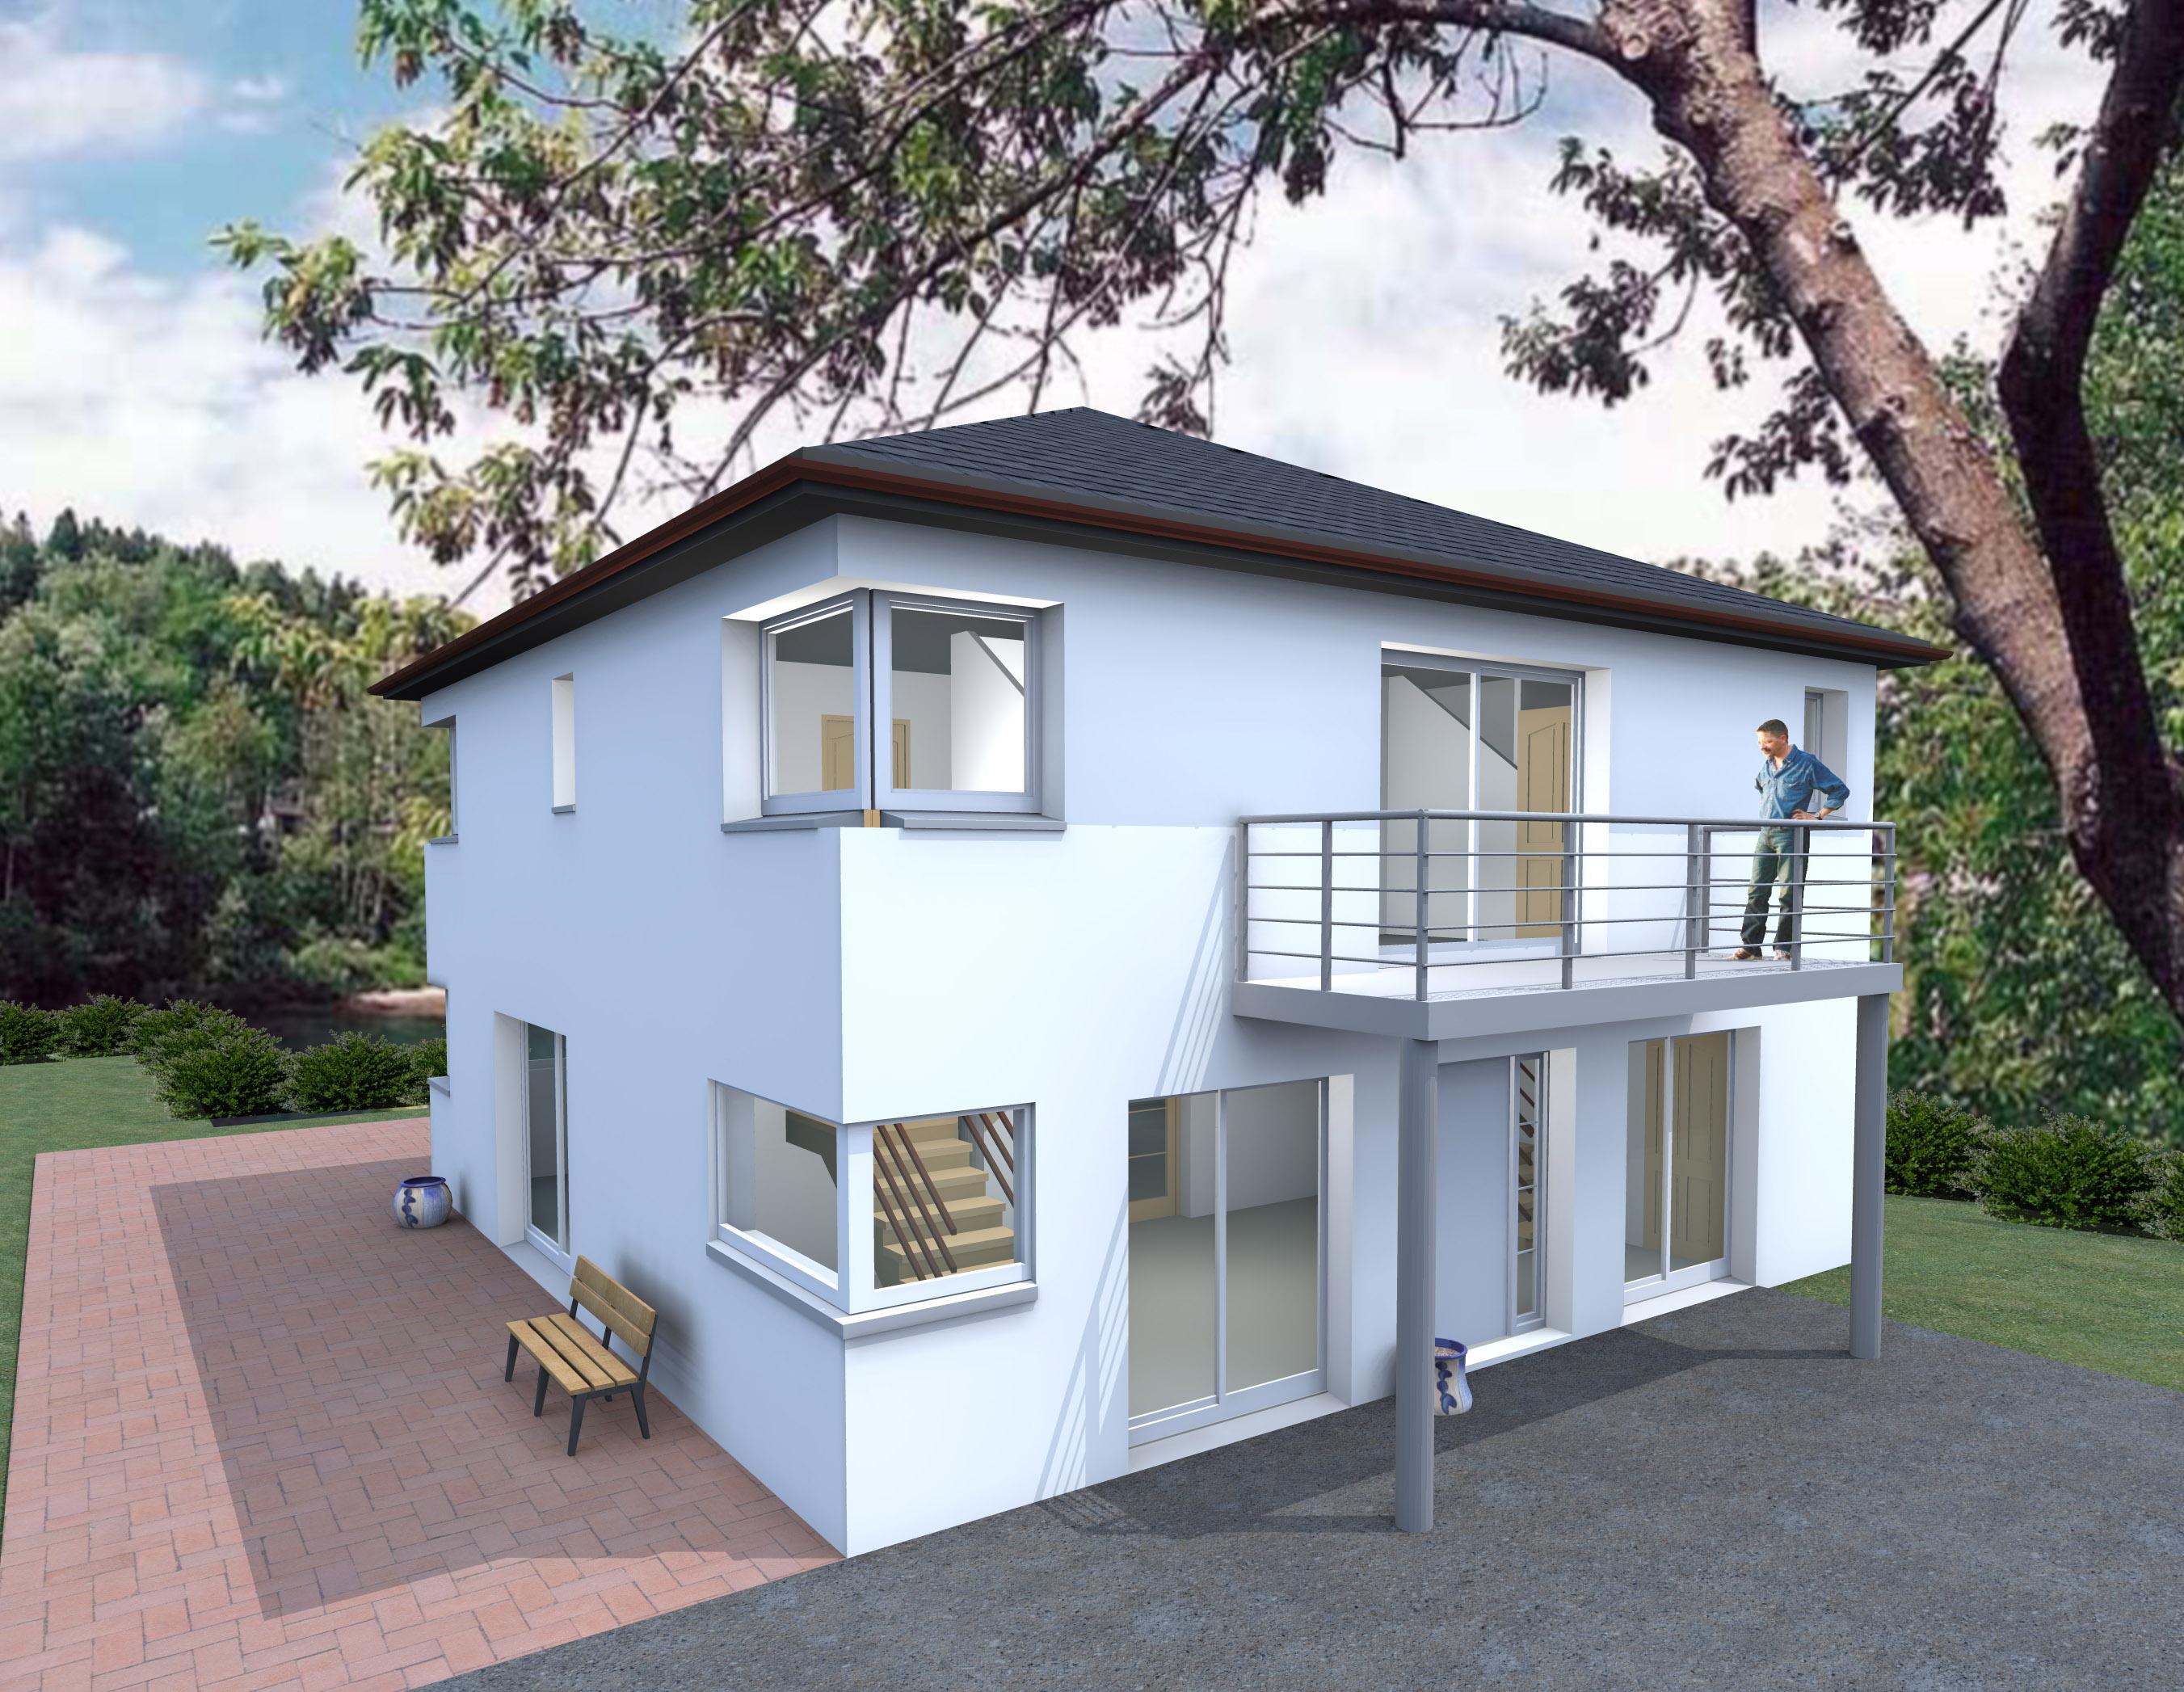 Modele de maison a etage moderne ventana blog for Modele de maison moderne a etage